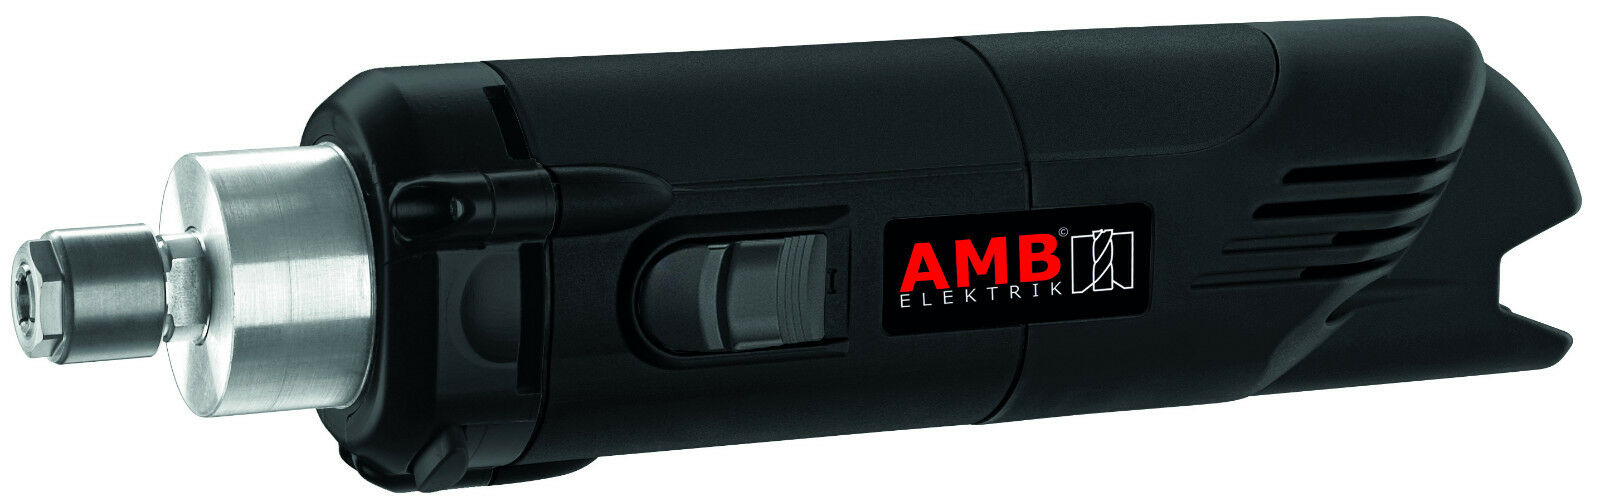 AMB 1050 FME-1 Fräsmotor, 3.500 bis 25.000 U min, erweiterter Drehzalbereich